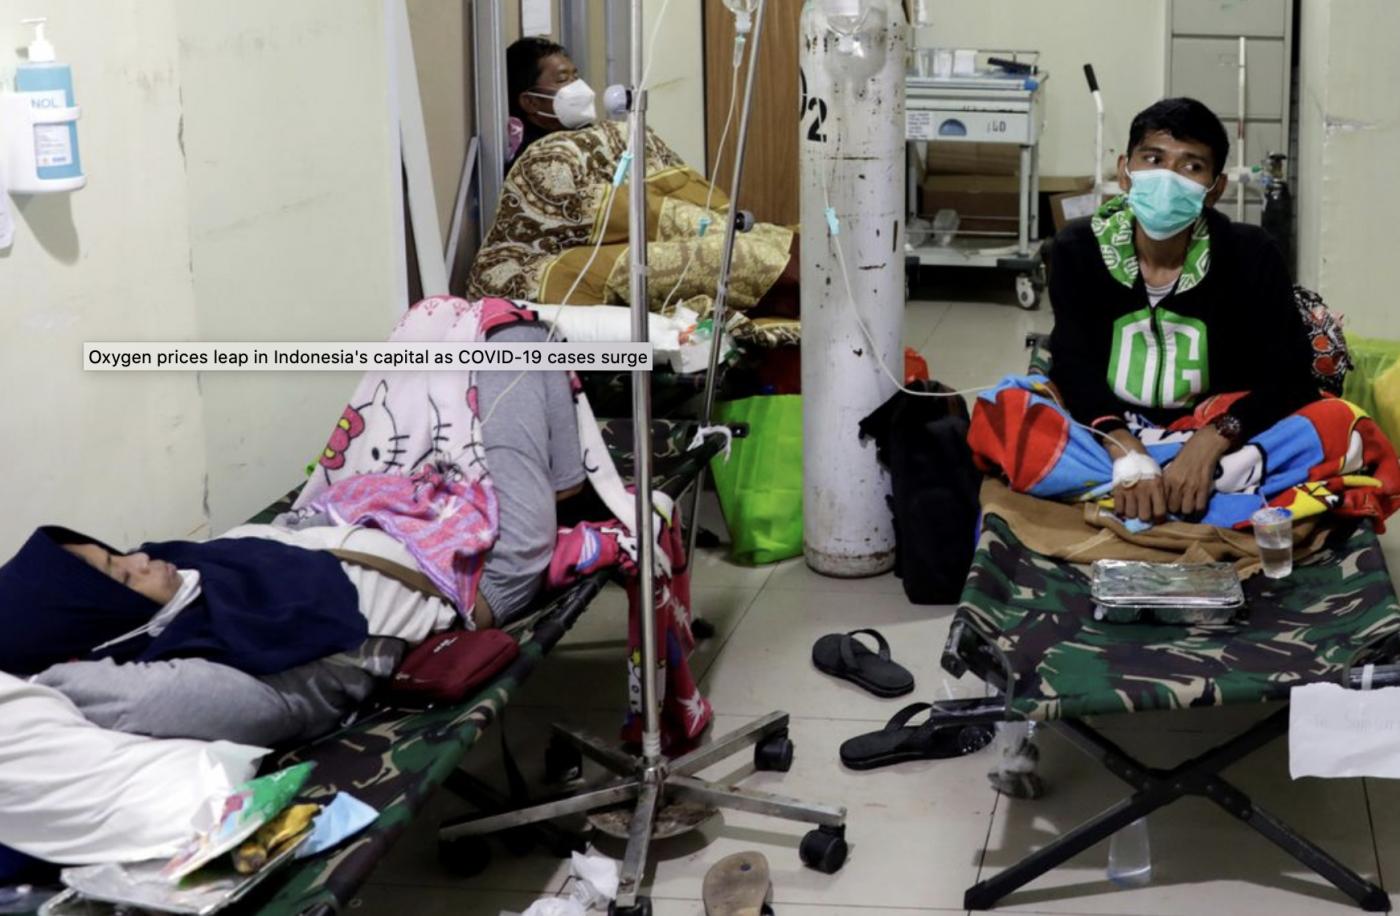 印度的新冠疫情惨状如今在印尼重现_图1-4